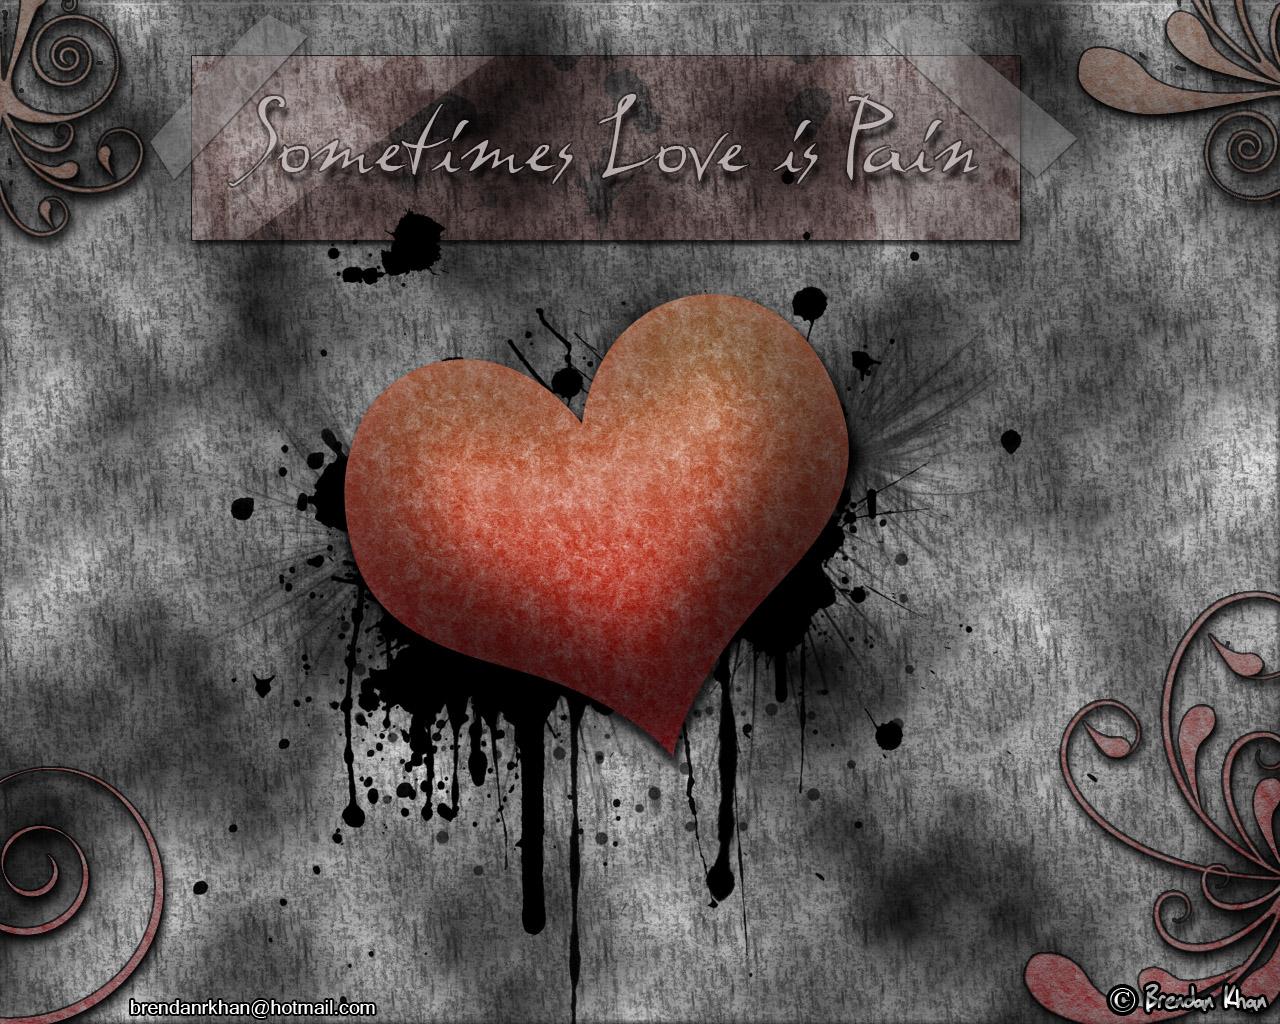 72+] Love Pain Wallpaper on WallpaperSafari